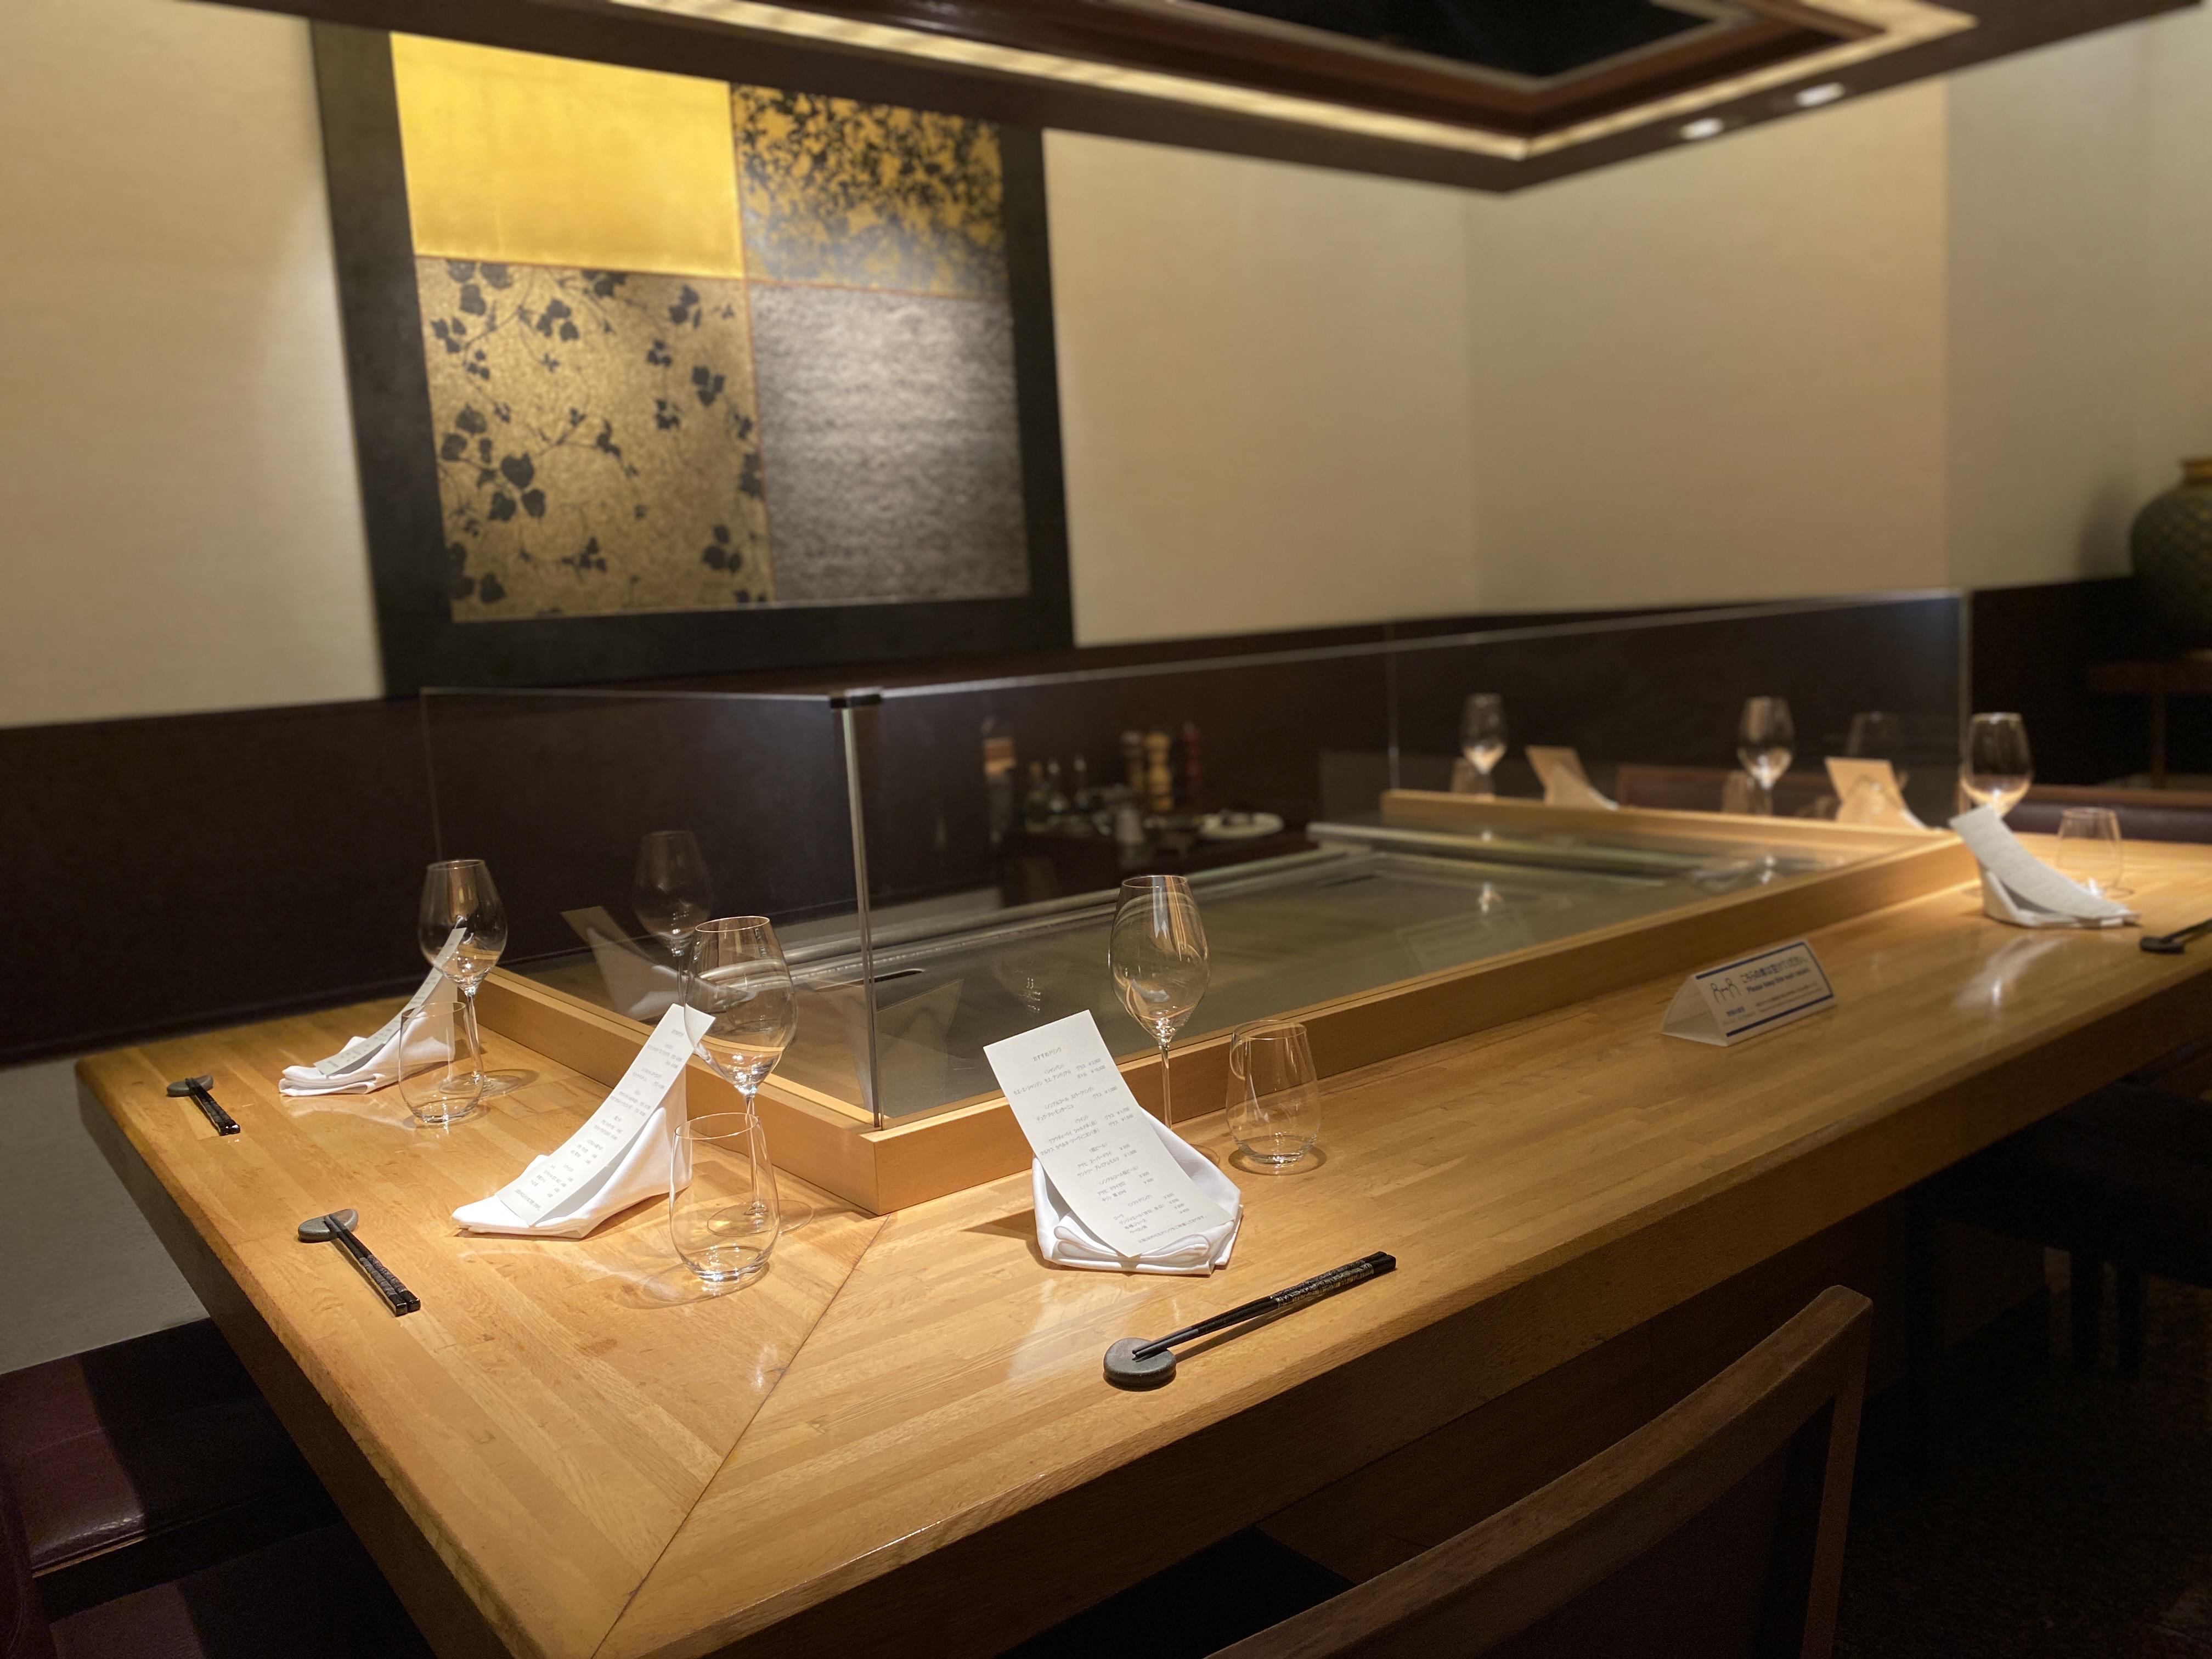 夏のお出かけに、「ヒルトン名古屋」で安心安全で快適なホテル体験はいかが? - CDA5173F 97D2 4823 ABA3 8ABAC9B8189E